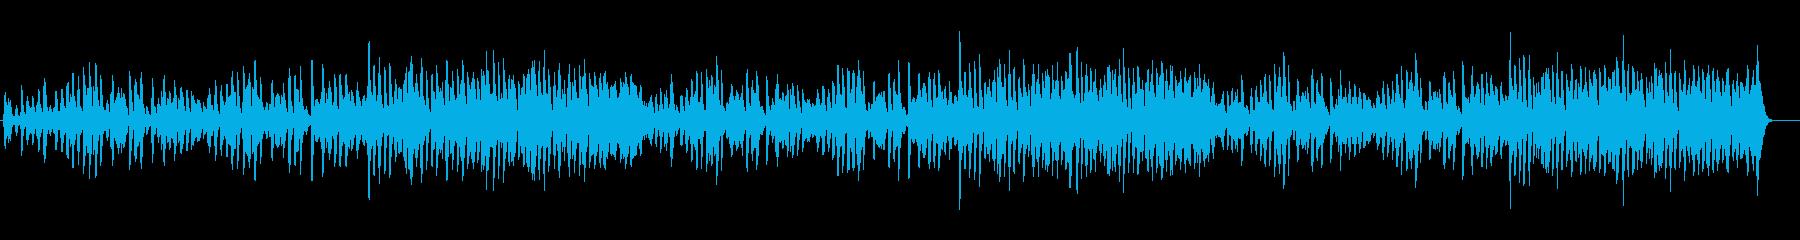 ほのぼのして明るい雰囲気のピアノ曲の再生済みの波形